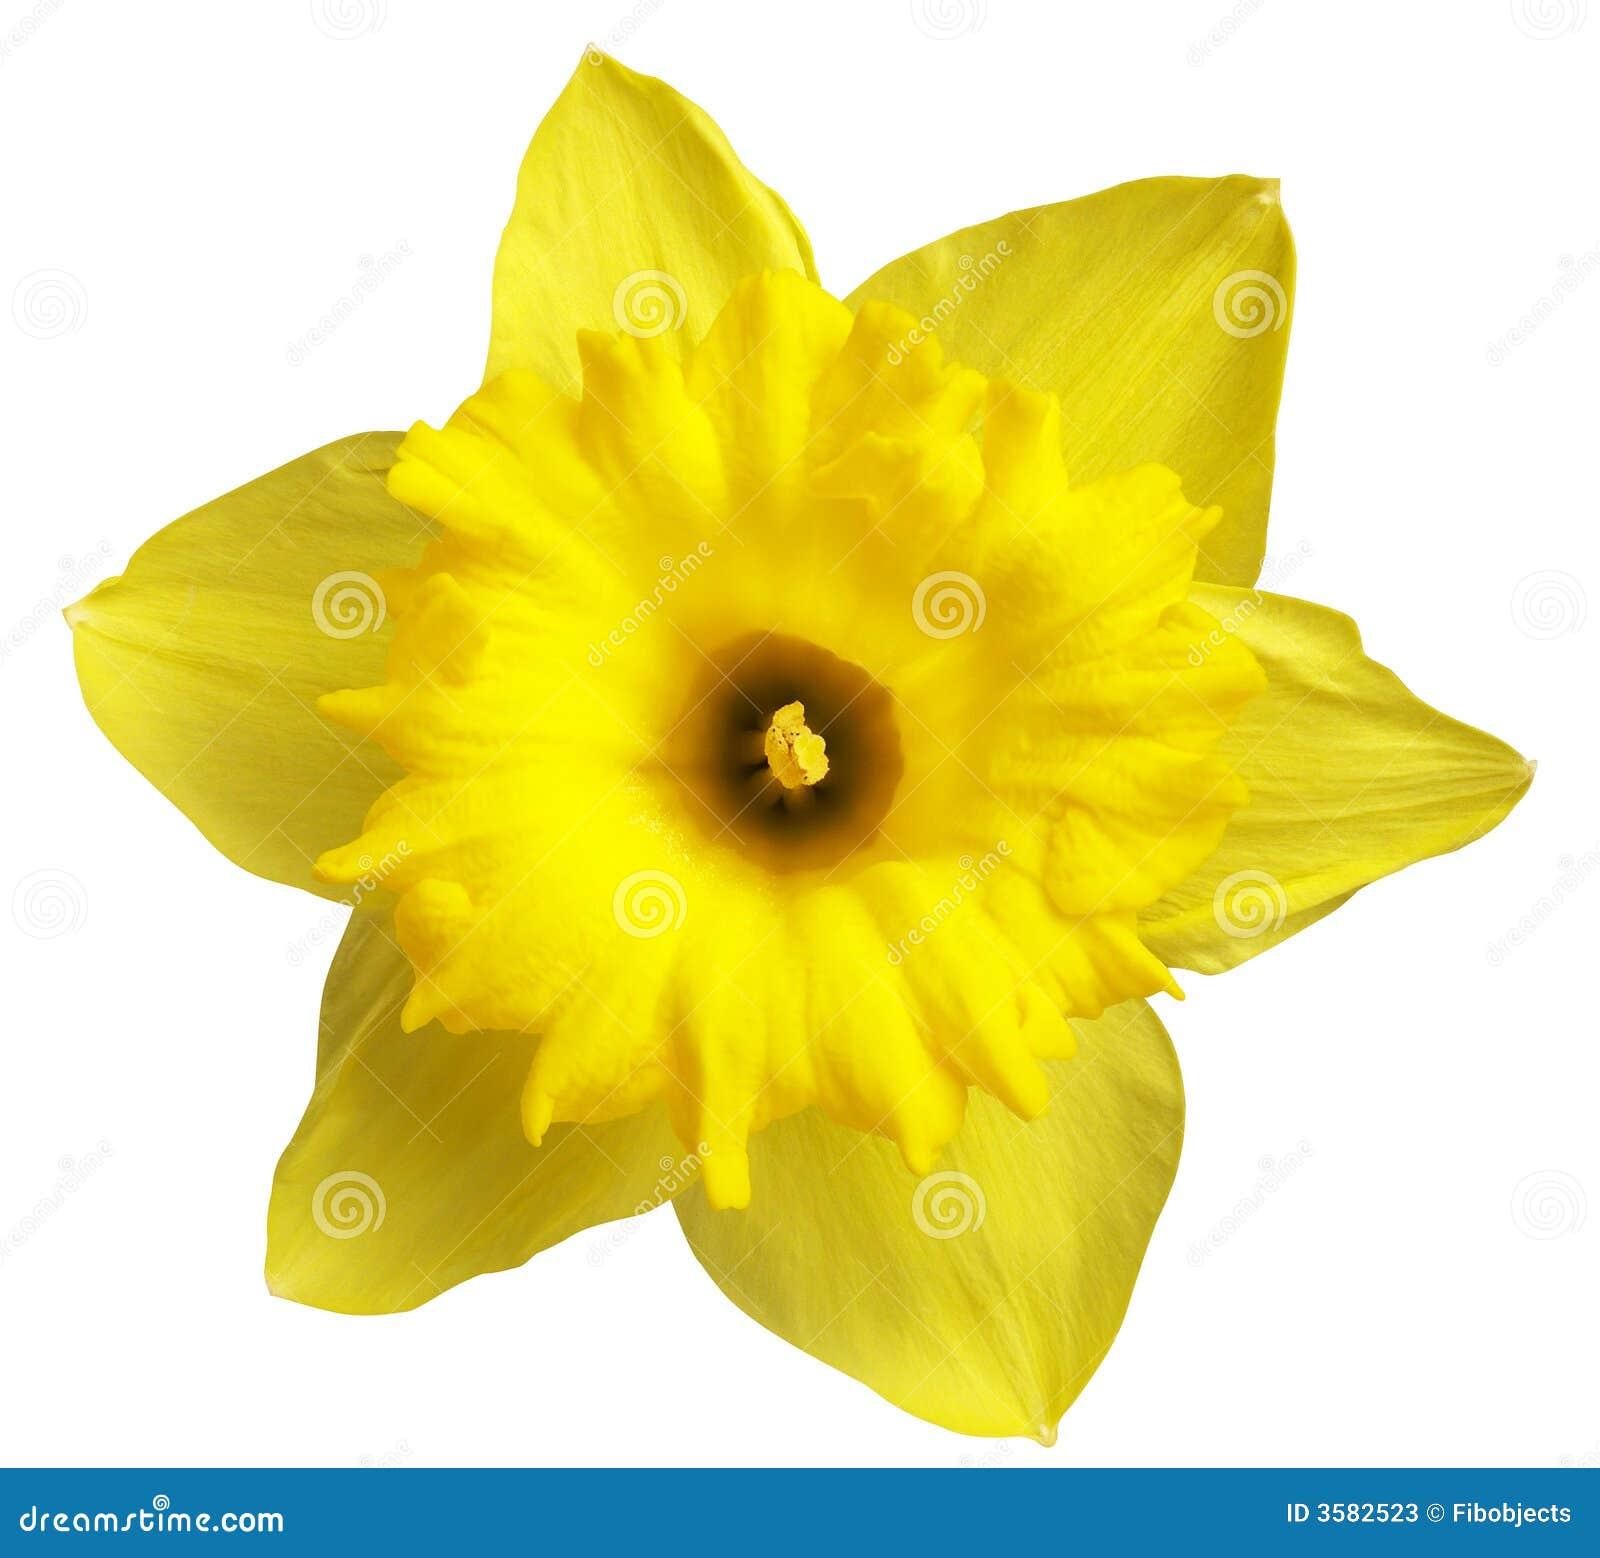 Narciso giallo immagine stock immagine di clipping for Narciso giallo